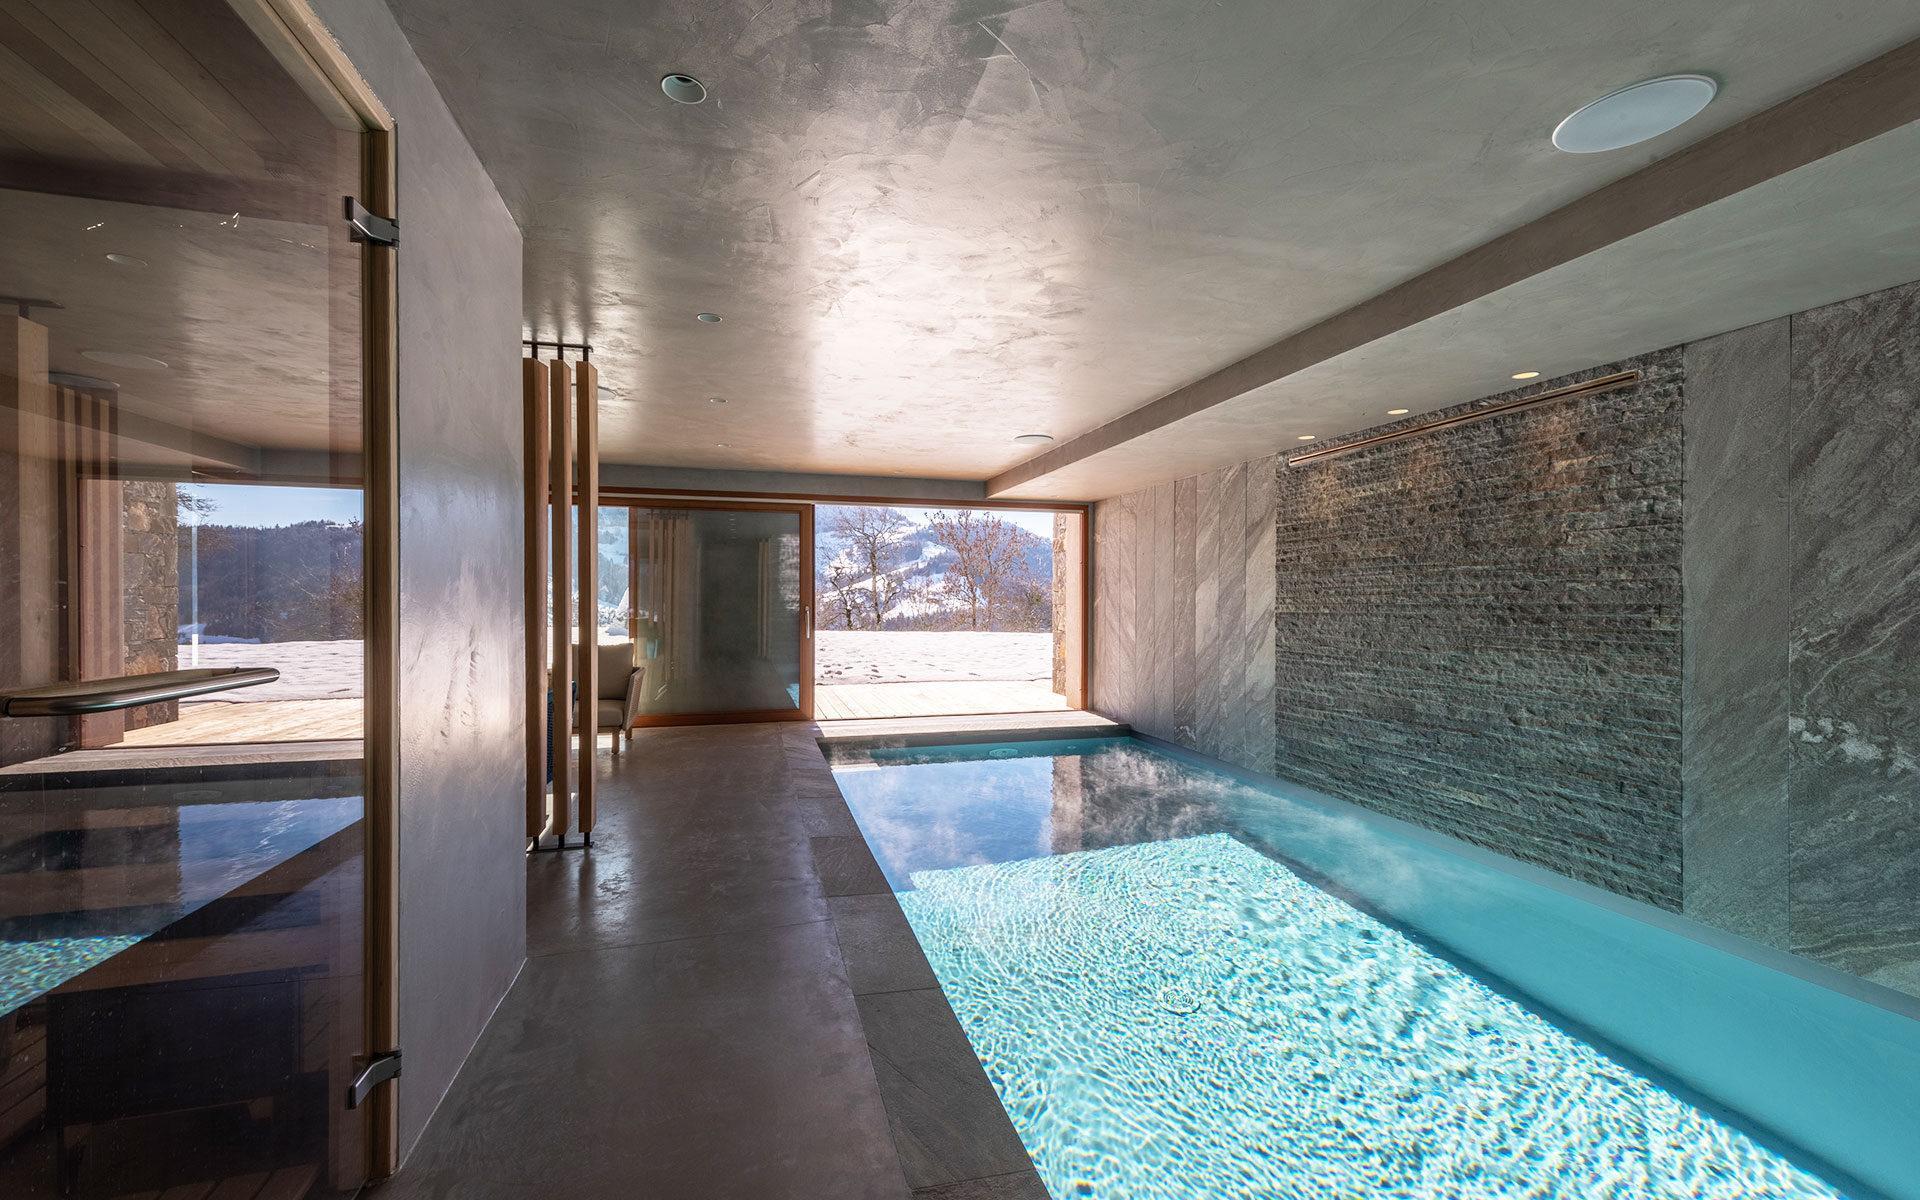 chalet-luxe-lodge-les-murailles-manigold-alpes-incentive-ski-piscine-seminaires-de-caractere